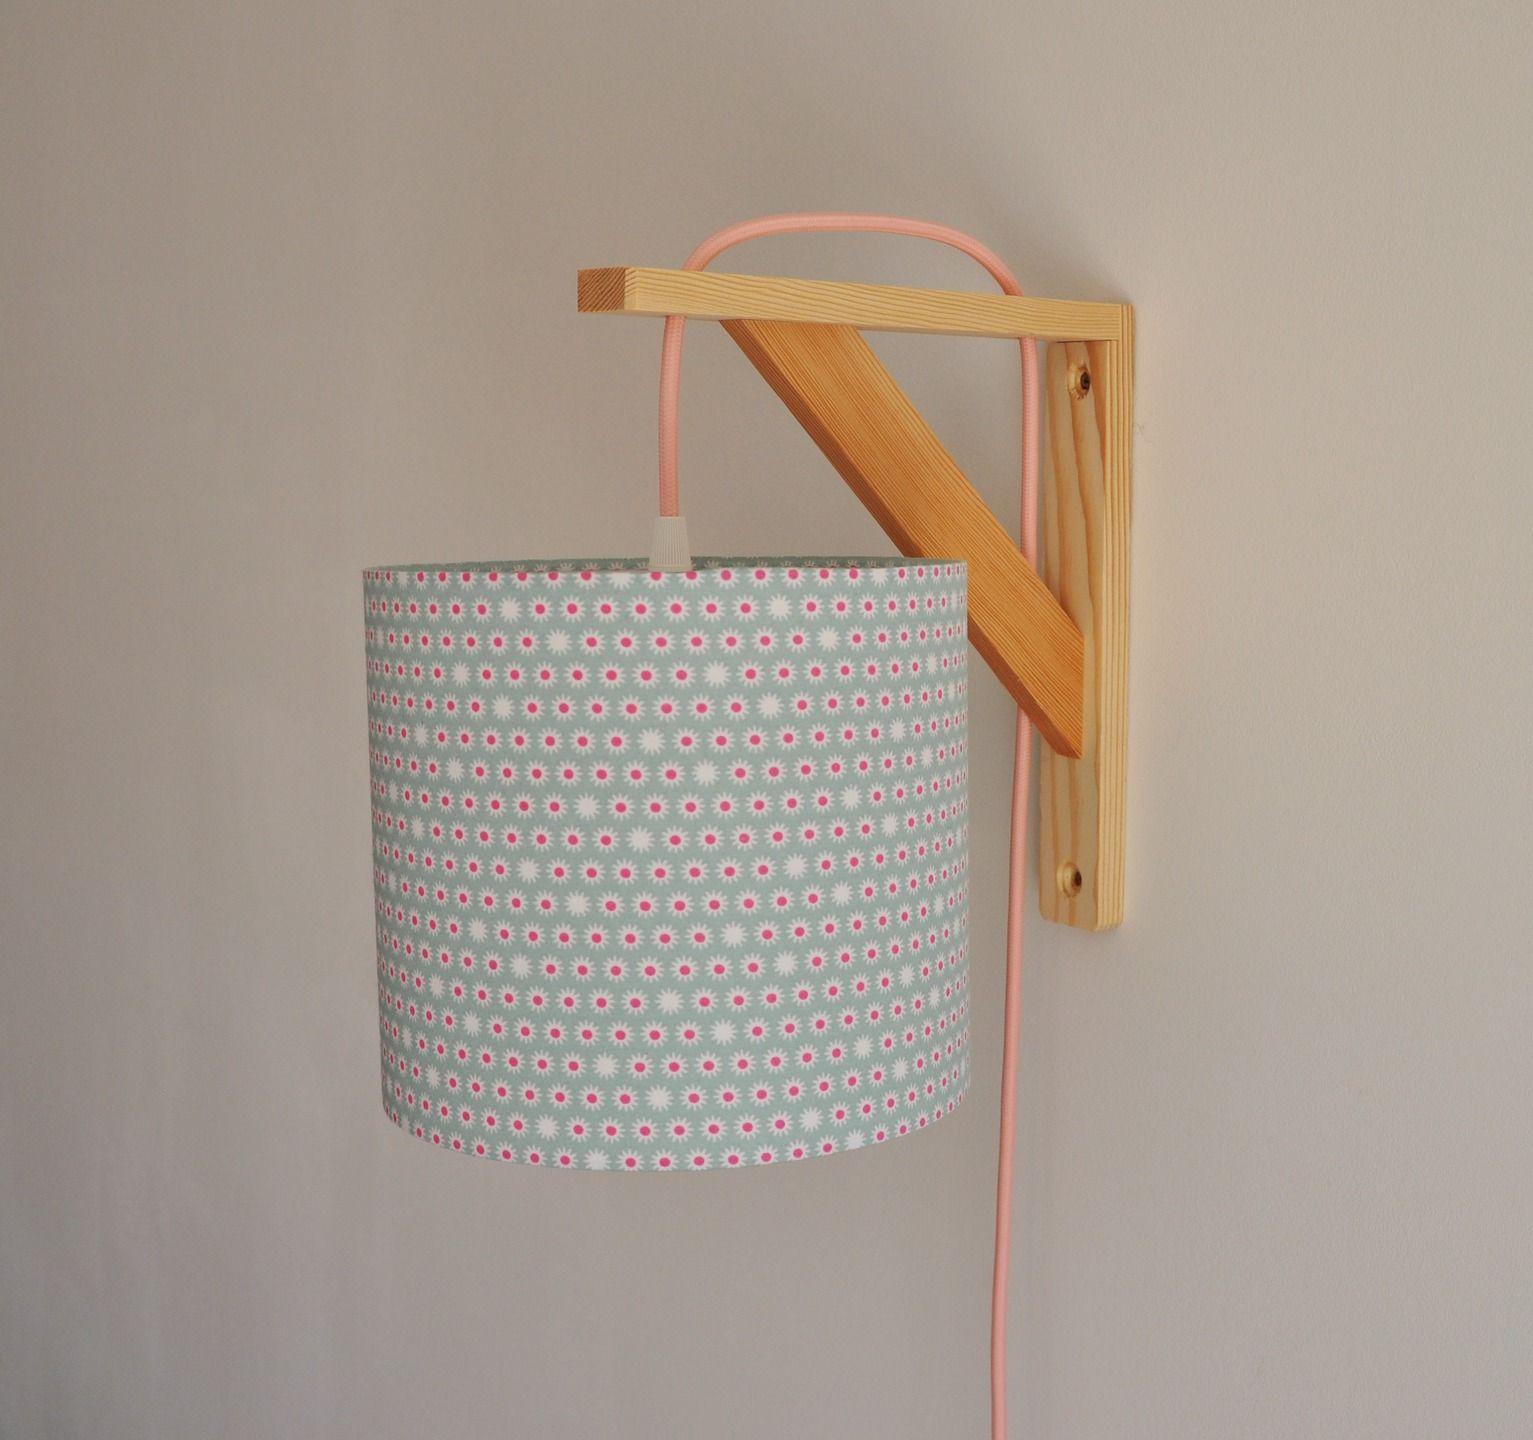 lampe équerre - applique murale - abat-jour rose et vert - cordon